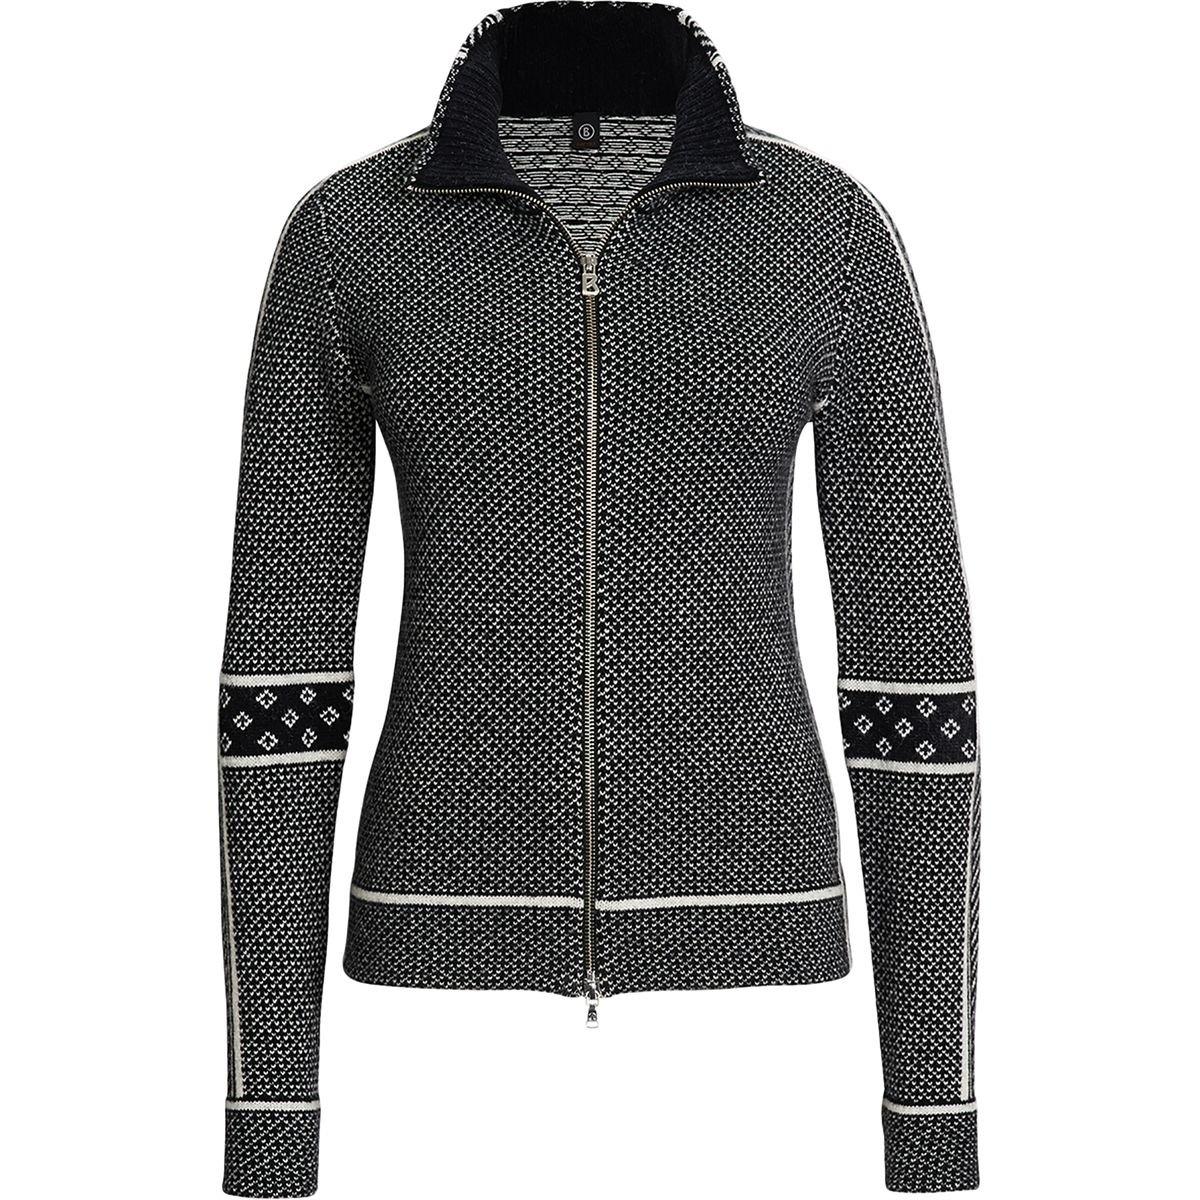 BOGNER FIRE + ICE Damen Strickjacke Carina, Schwarz, 36, 8457-6352 günstig online kaufen